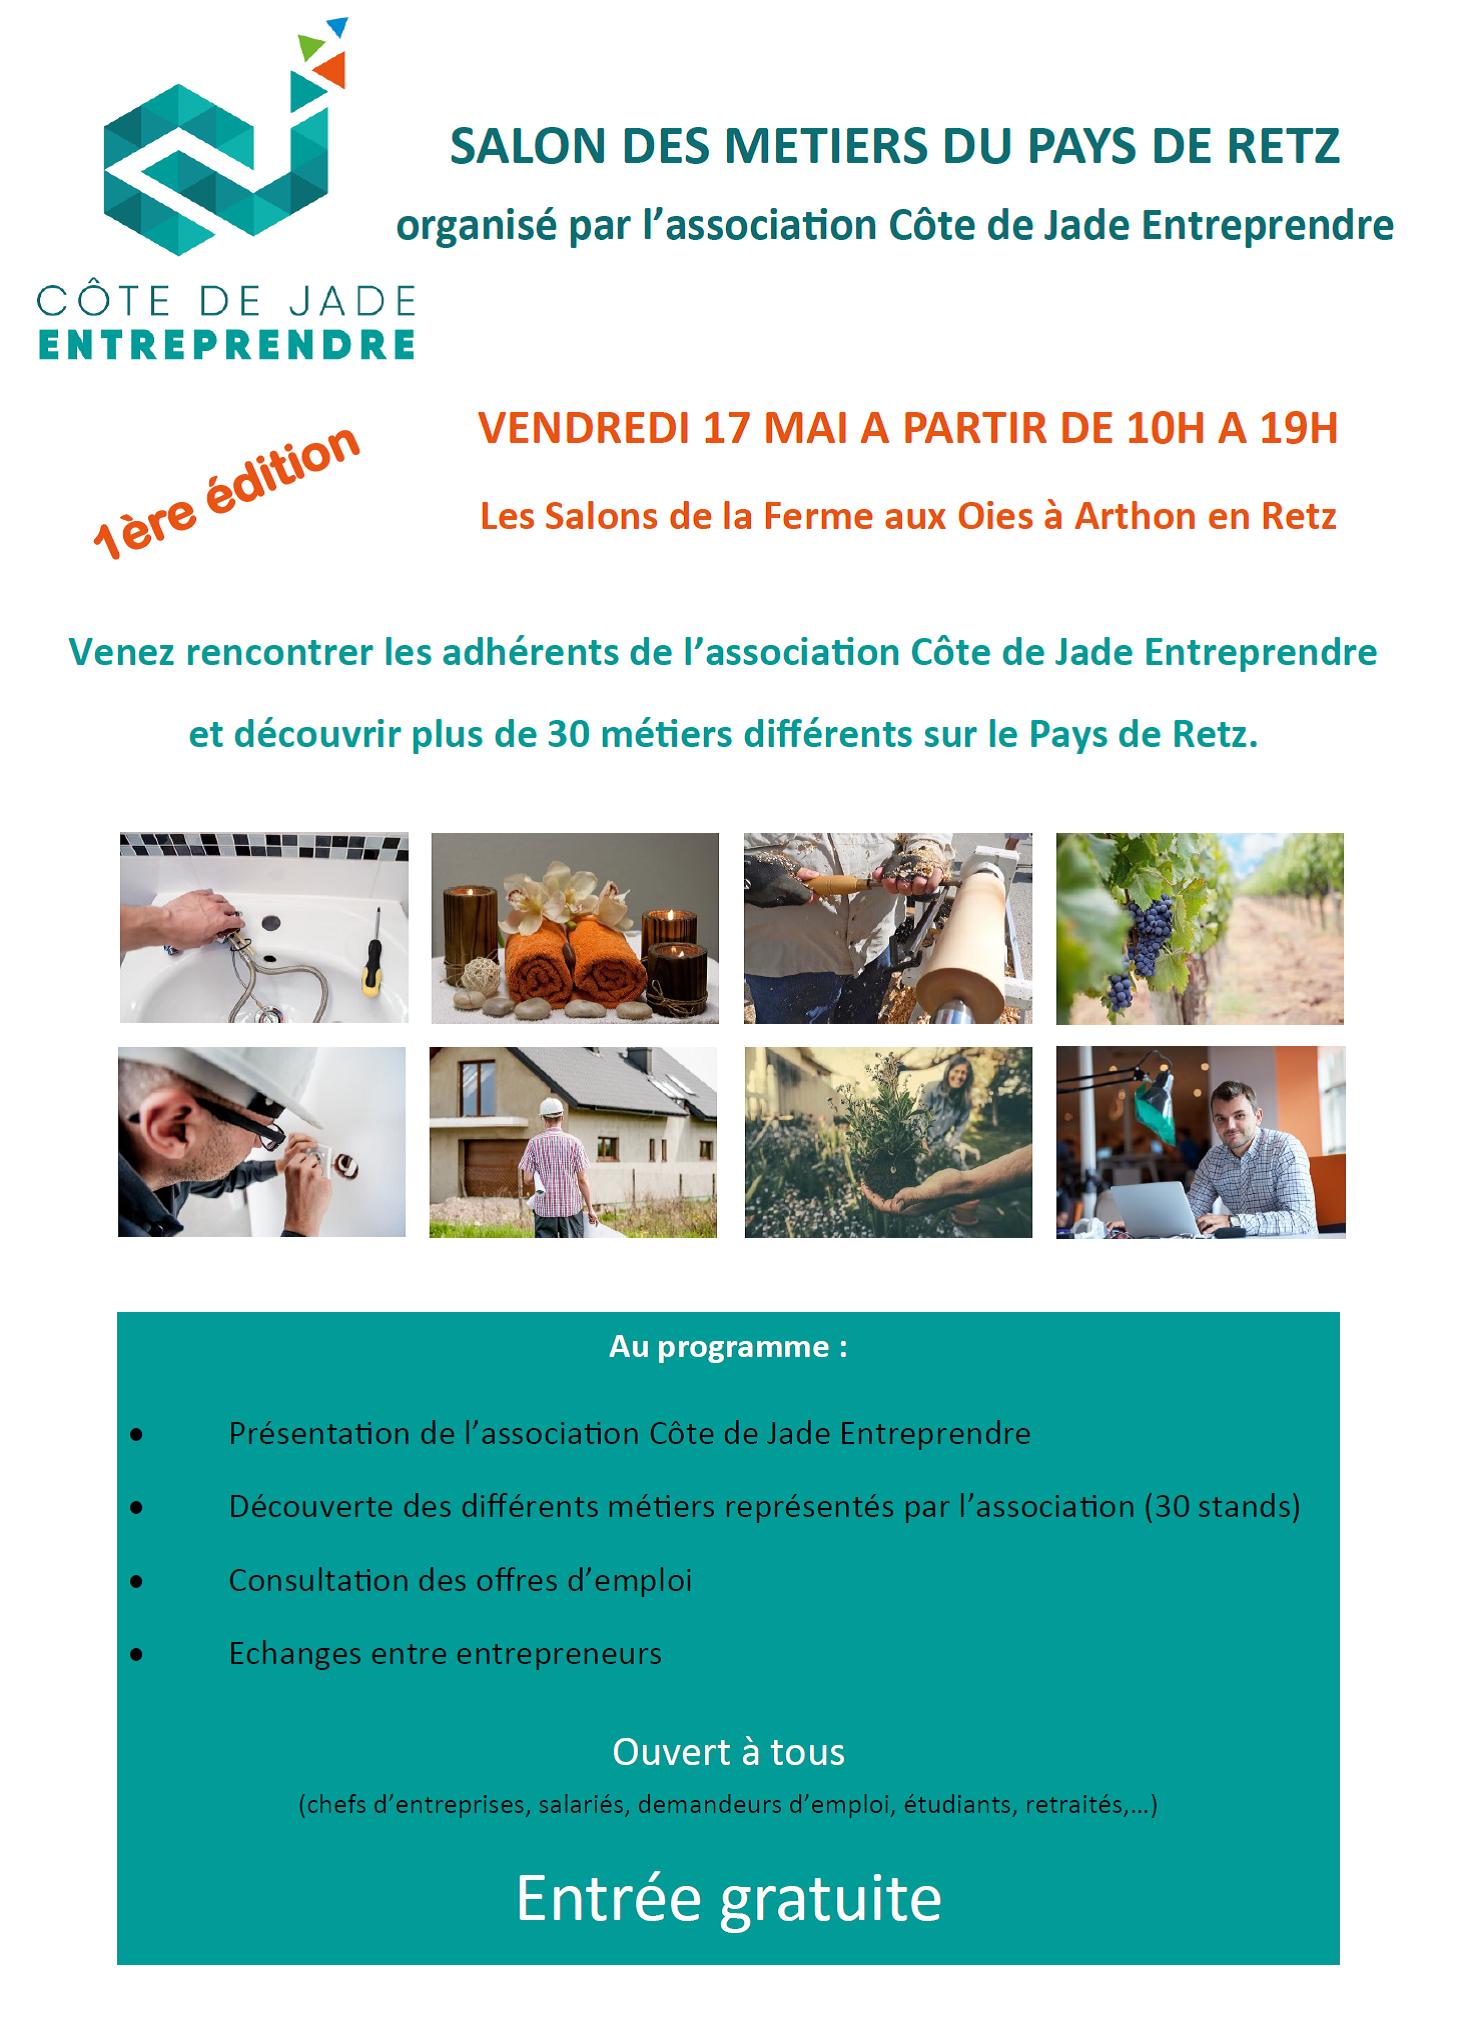 Salon des métiers Association Côte de Jade Entreprendre